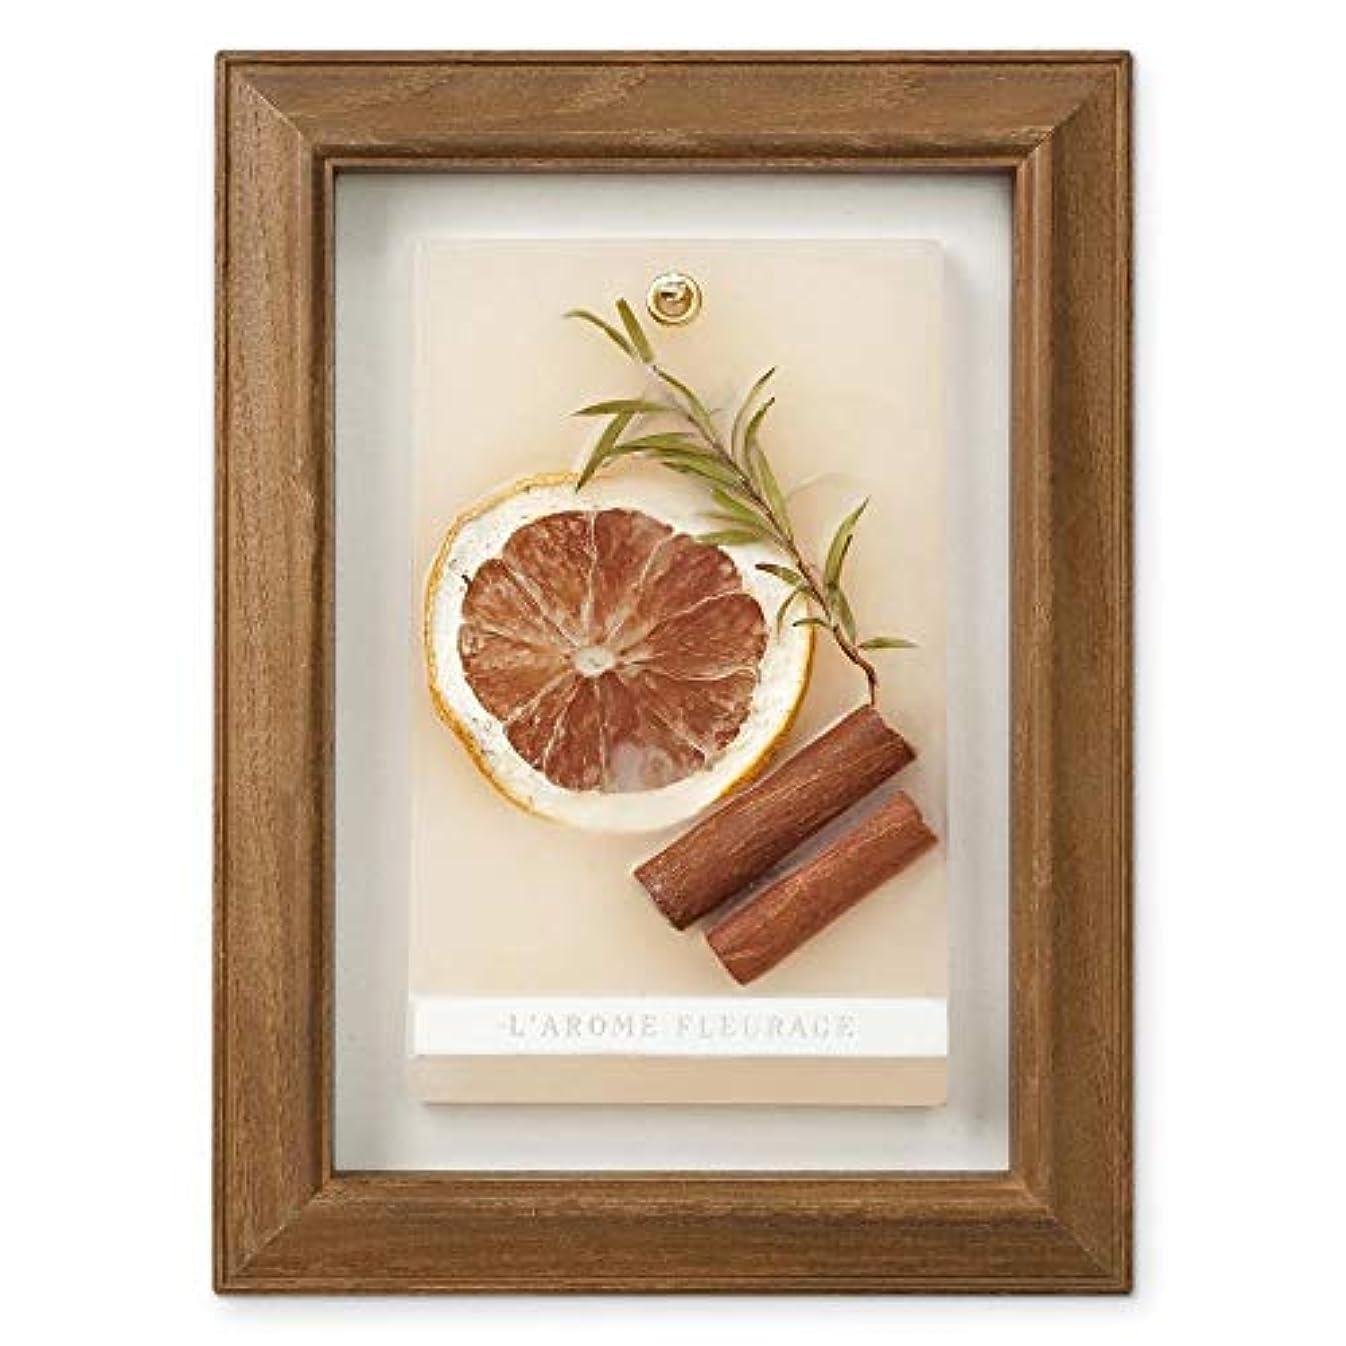 睡眠克服するたまにFLEURAGE(フルラージュ) アロマワックスサシェ スイートオレンジの香り Orange×AntiqueBrown KH-61121